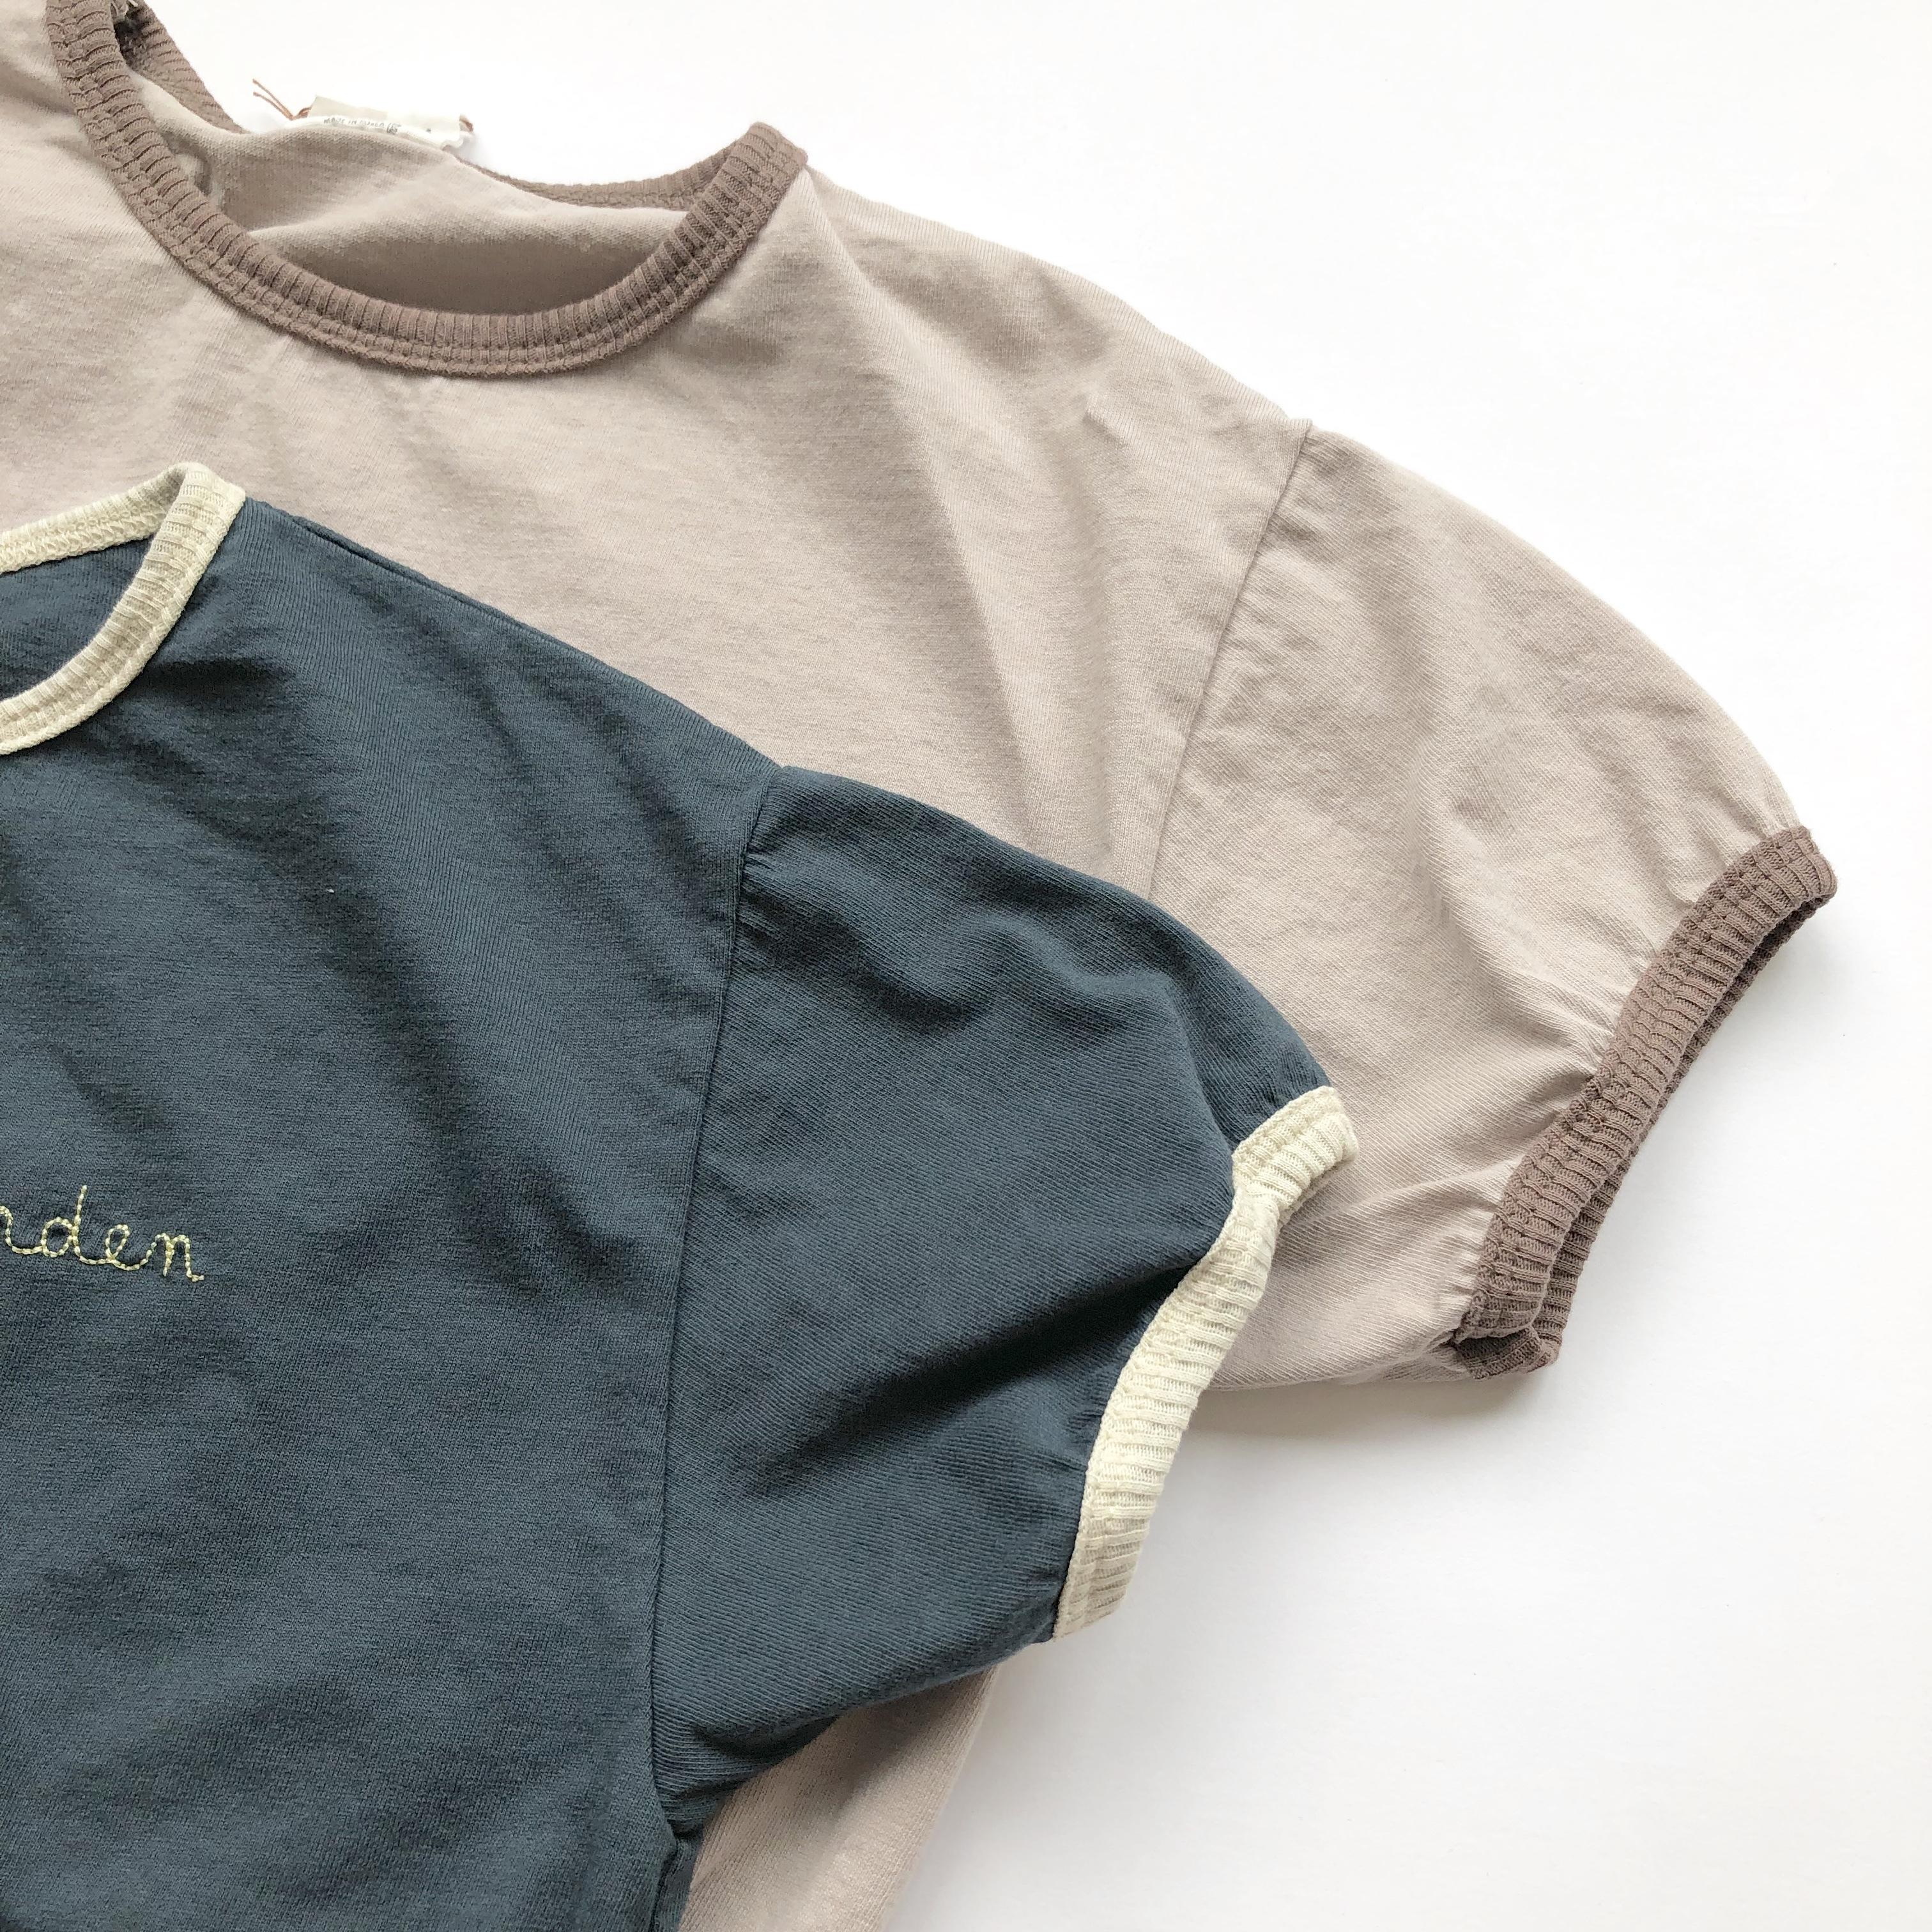 《 178 》Embroidery SETUP